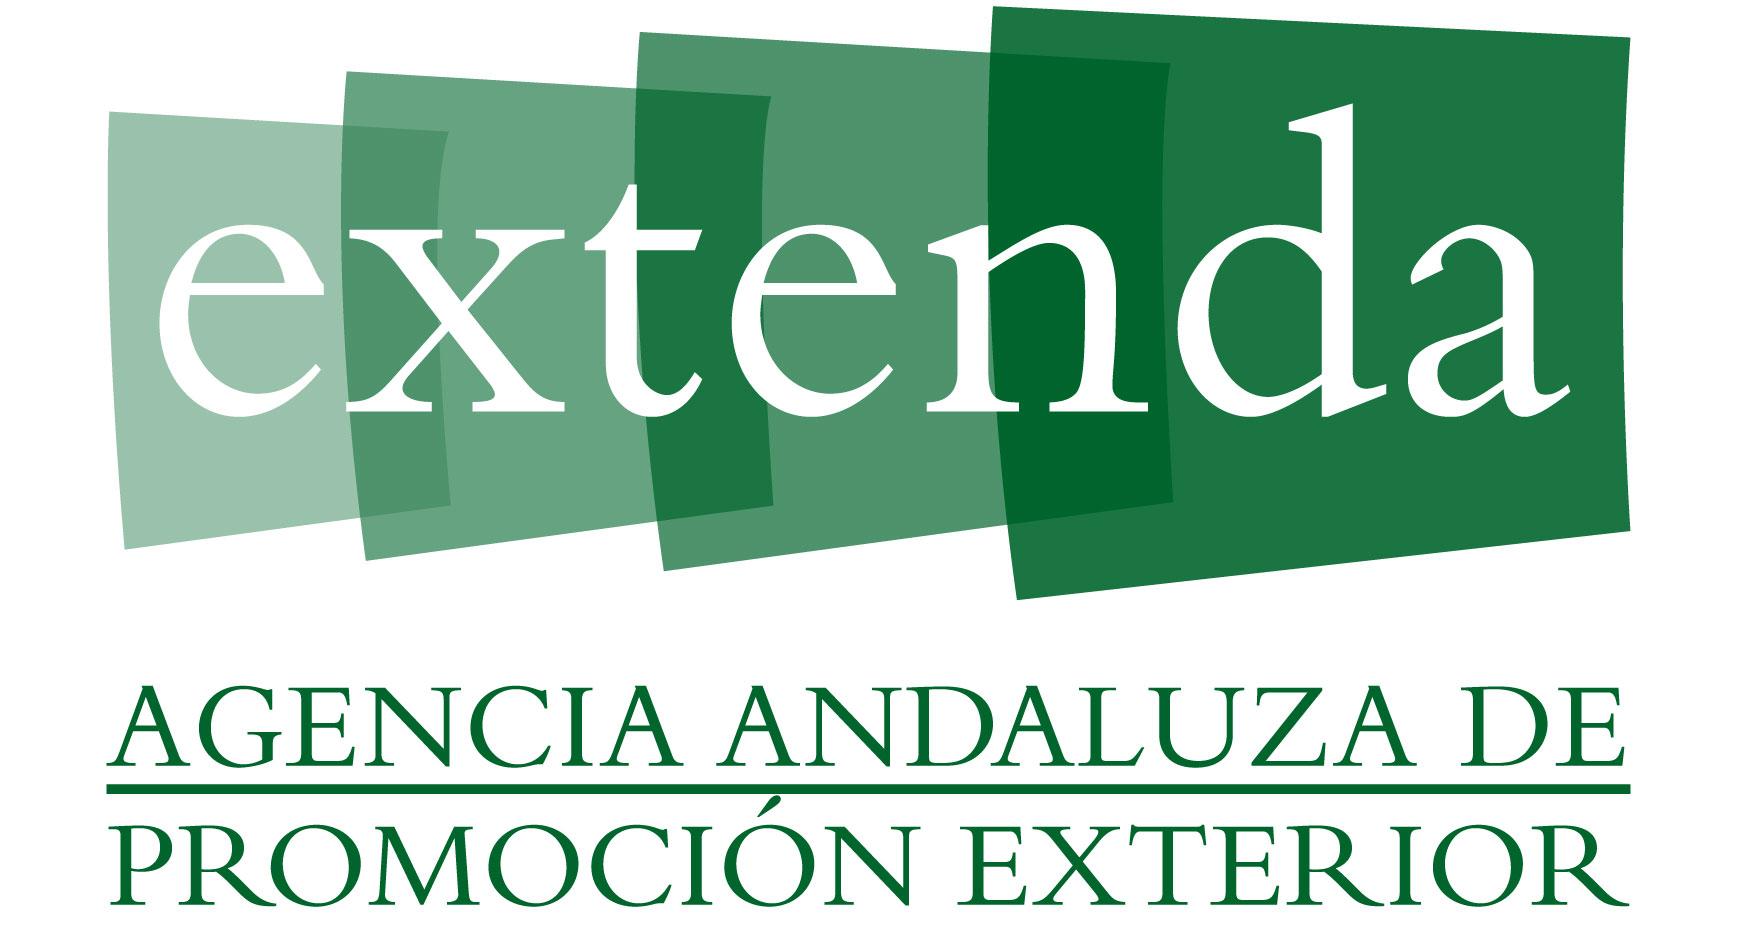 Agencia Andaluza de Promoción Exterior: Extenda